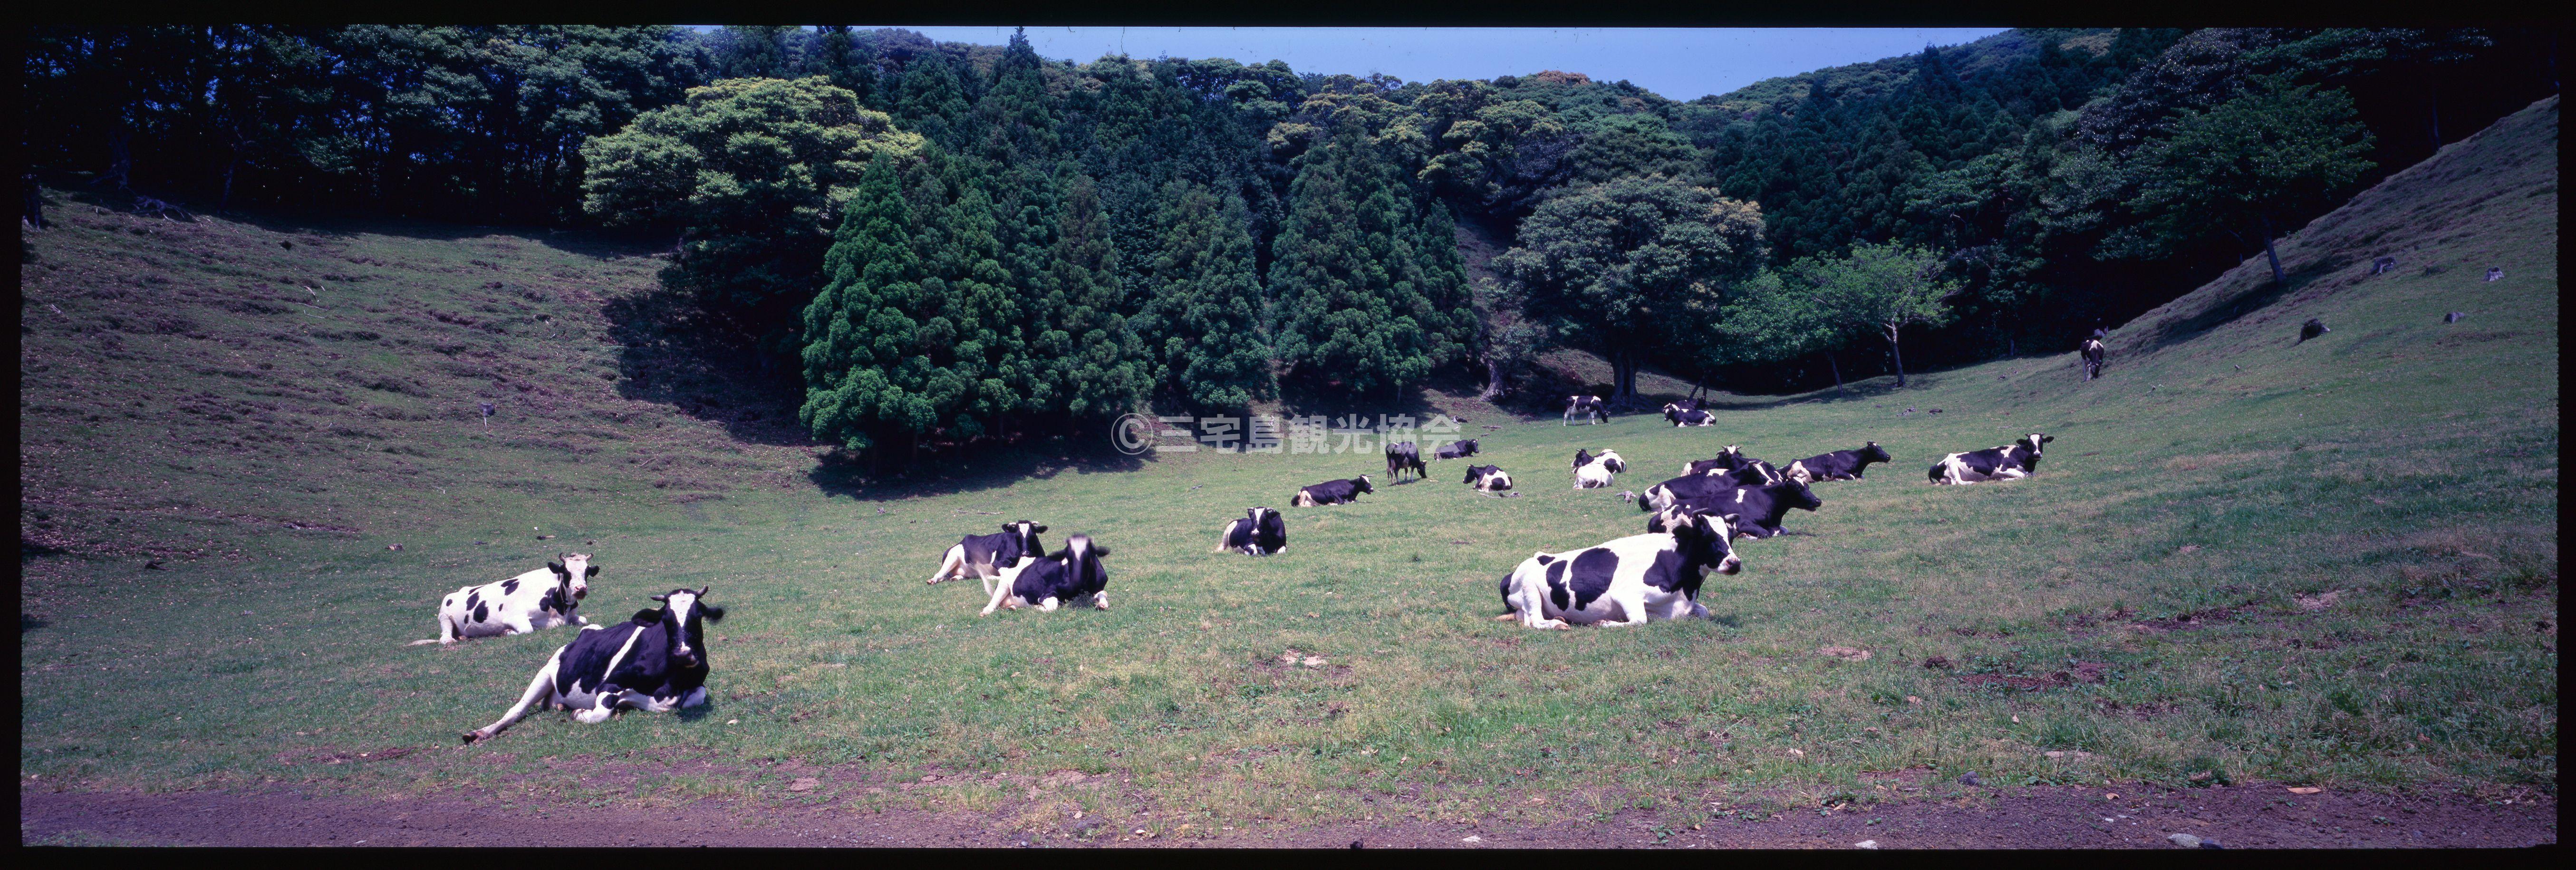 【パノラマ】 雄山中腹でくつろぐ牛たち